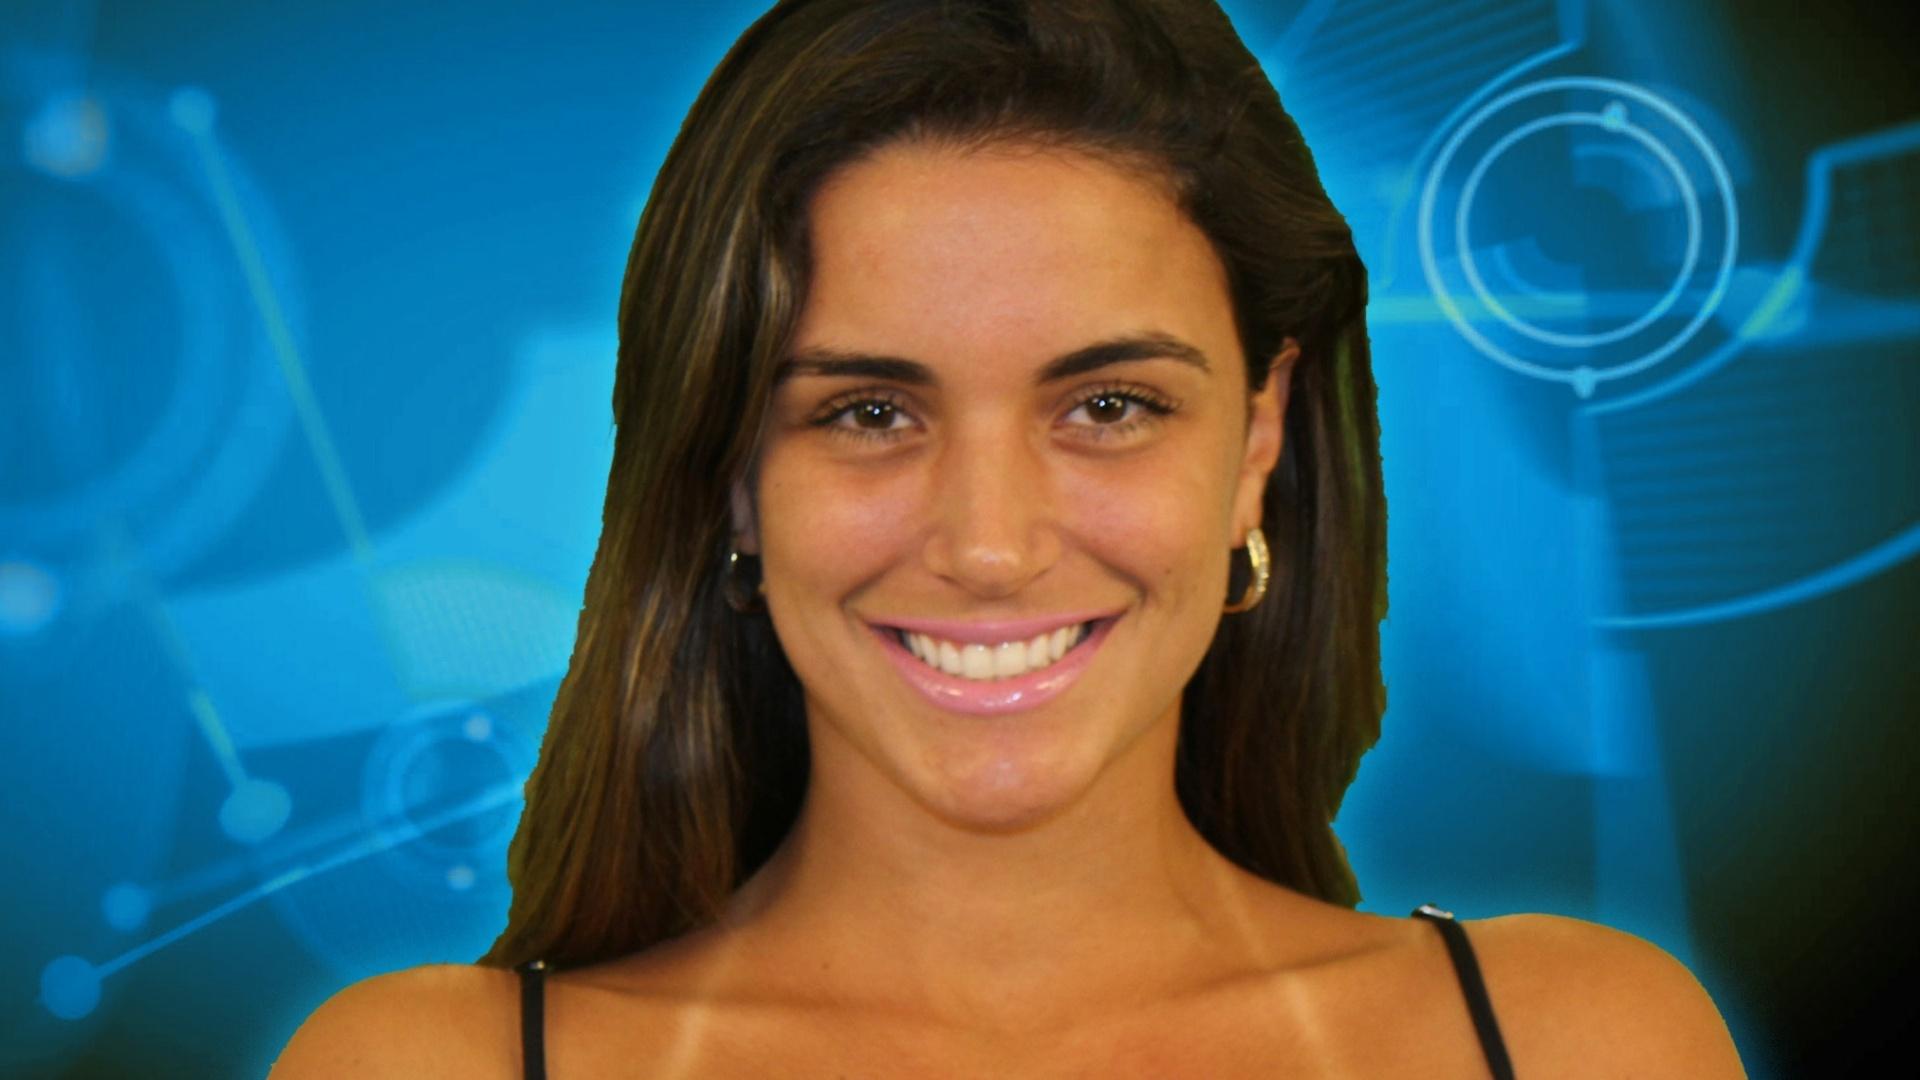 Laisa, 25 anos, estudante de medicina, do Rio Grande do Sul, participante do BBB 12 (jan/2012)